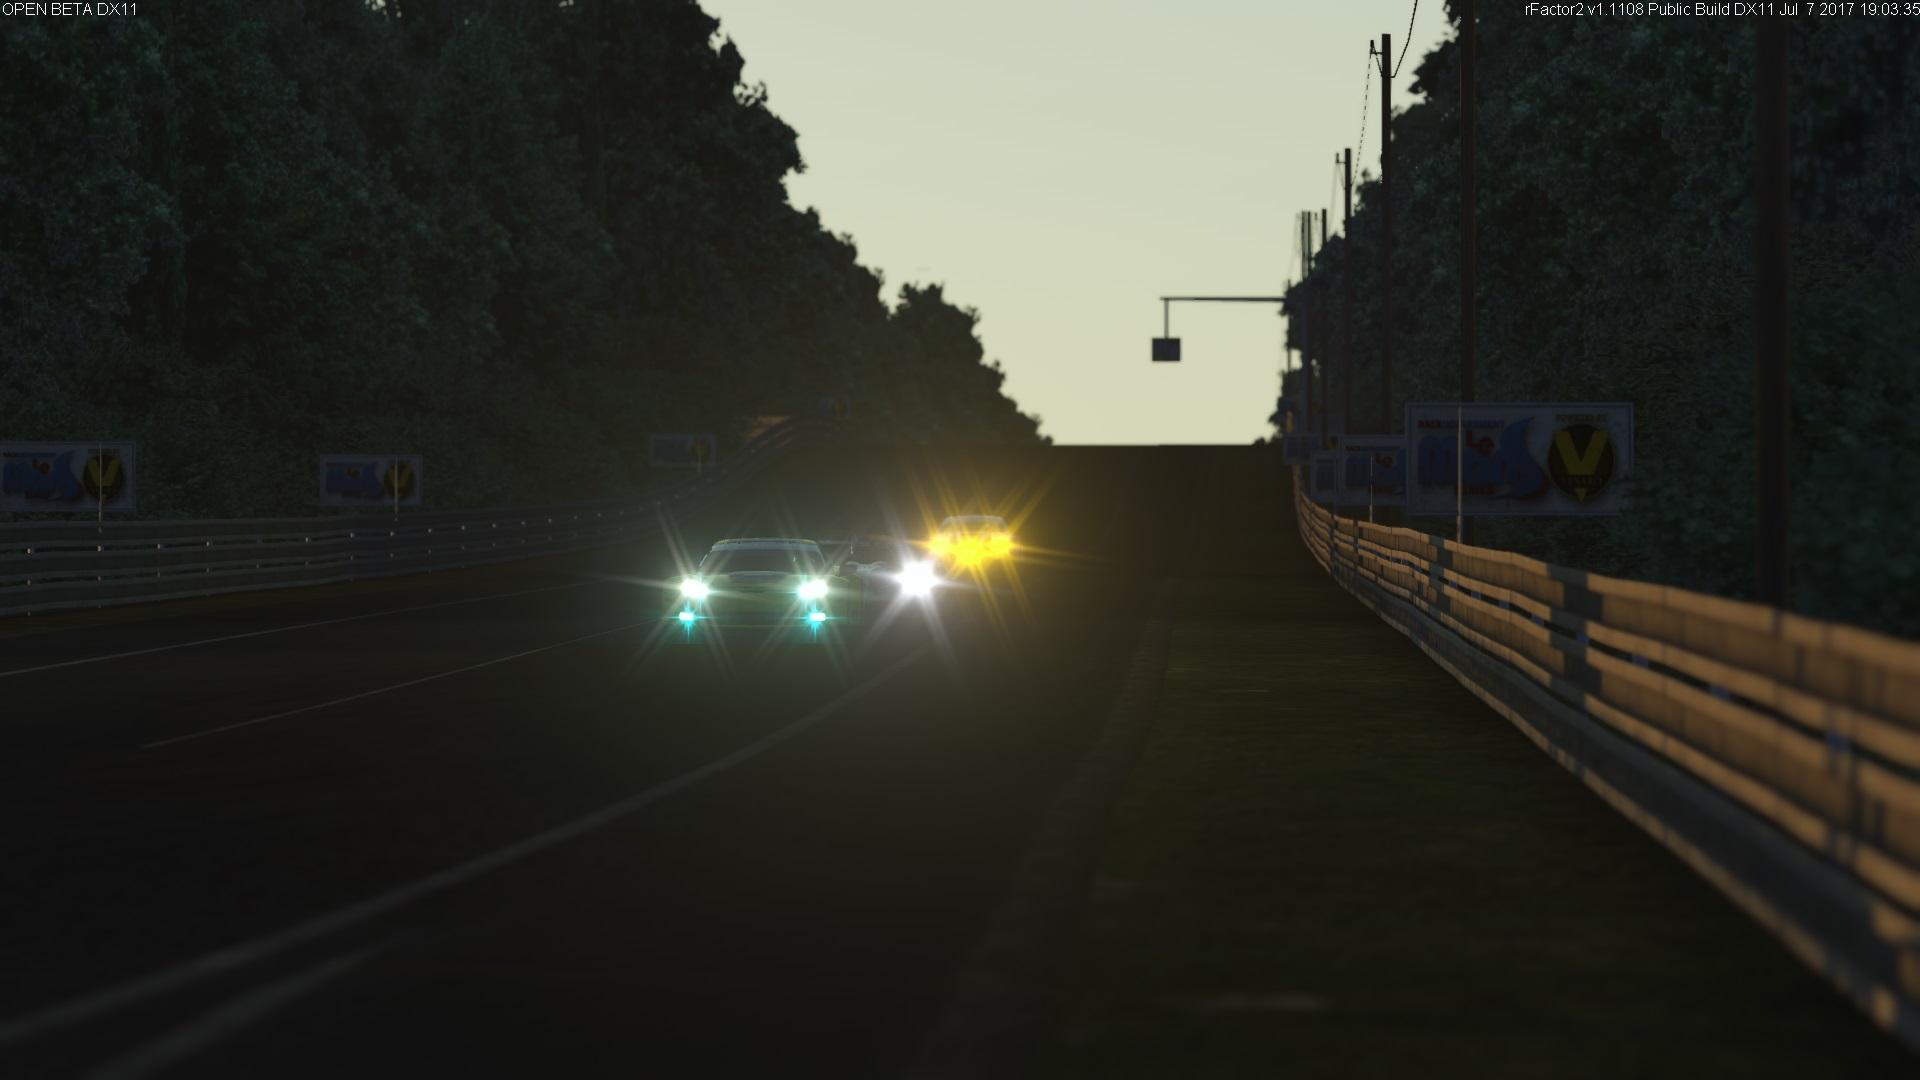 RDLMS Le Mans 20.jpg